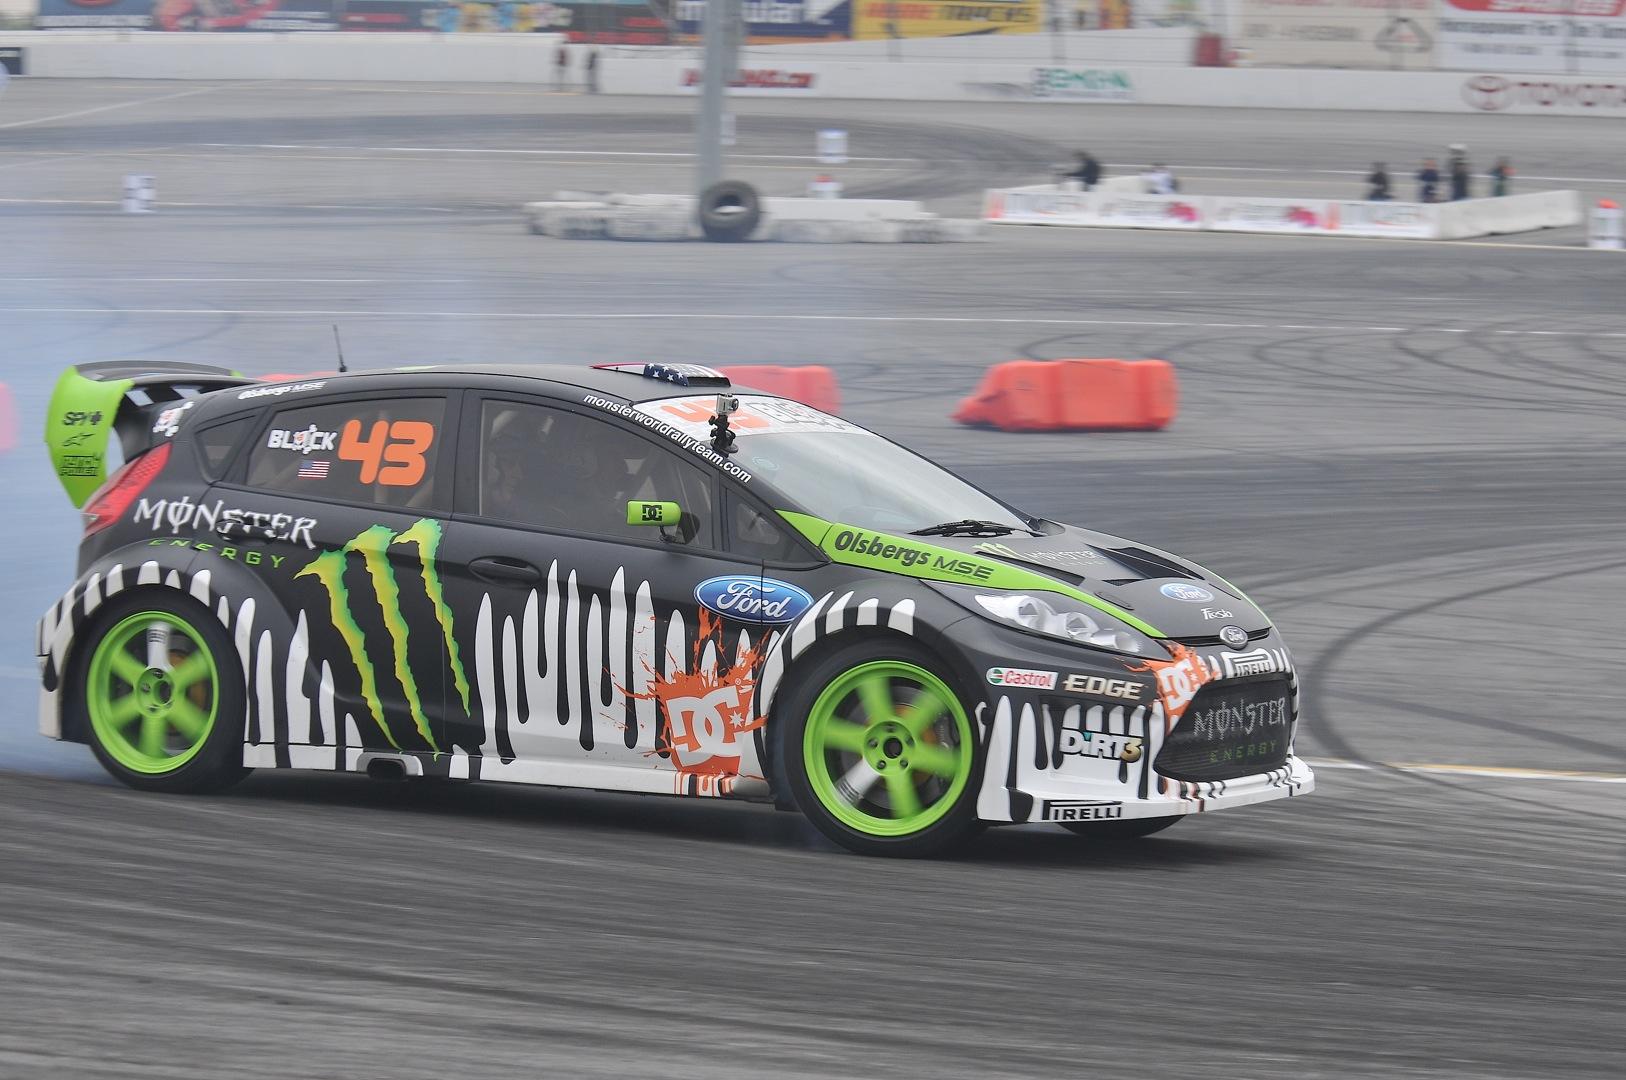 Ken Block Gymkhana Grid Toyota Speedway Photos & Recap | MyRideisMe.com